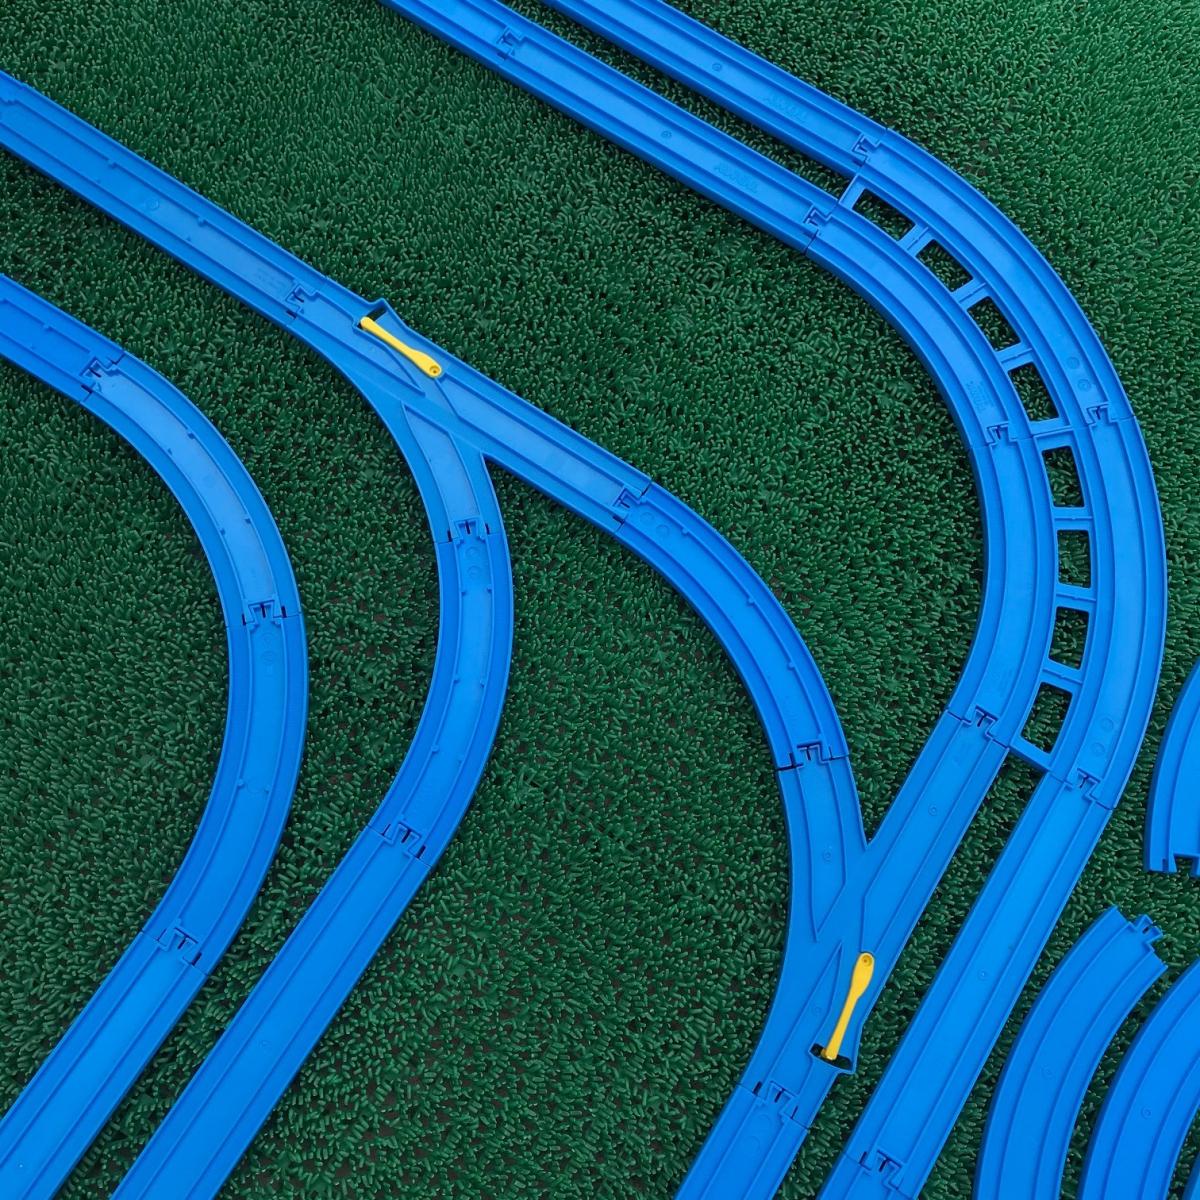 プラレール② 直線 曲線 複線曲線レール 複線わたりポイントレール ターンアウトレール 単線複線 レア タカラトミー 大量_画像6